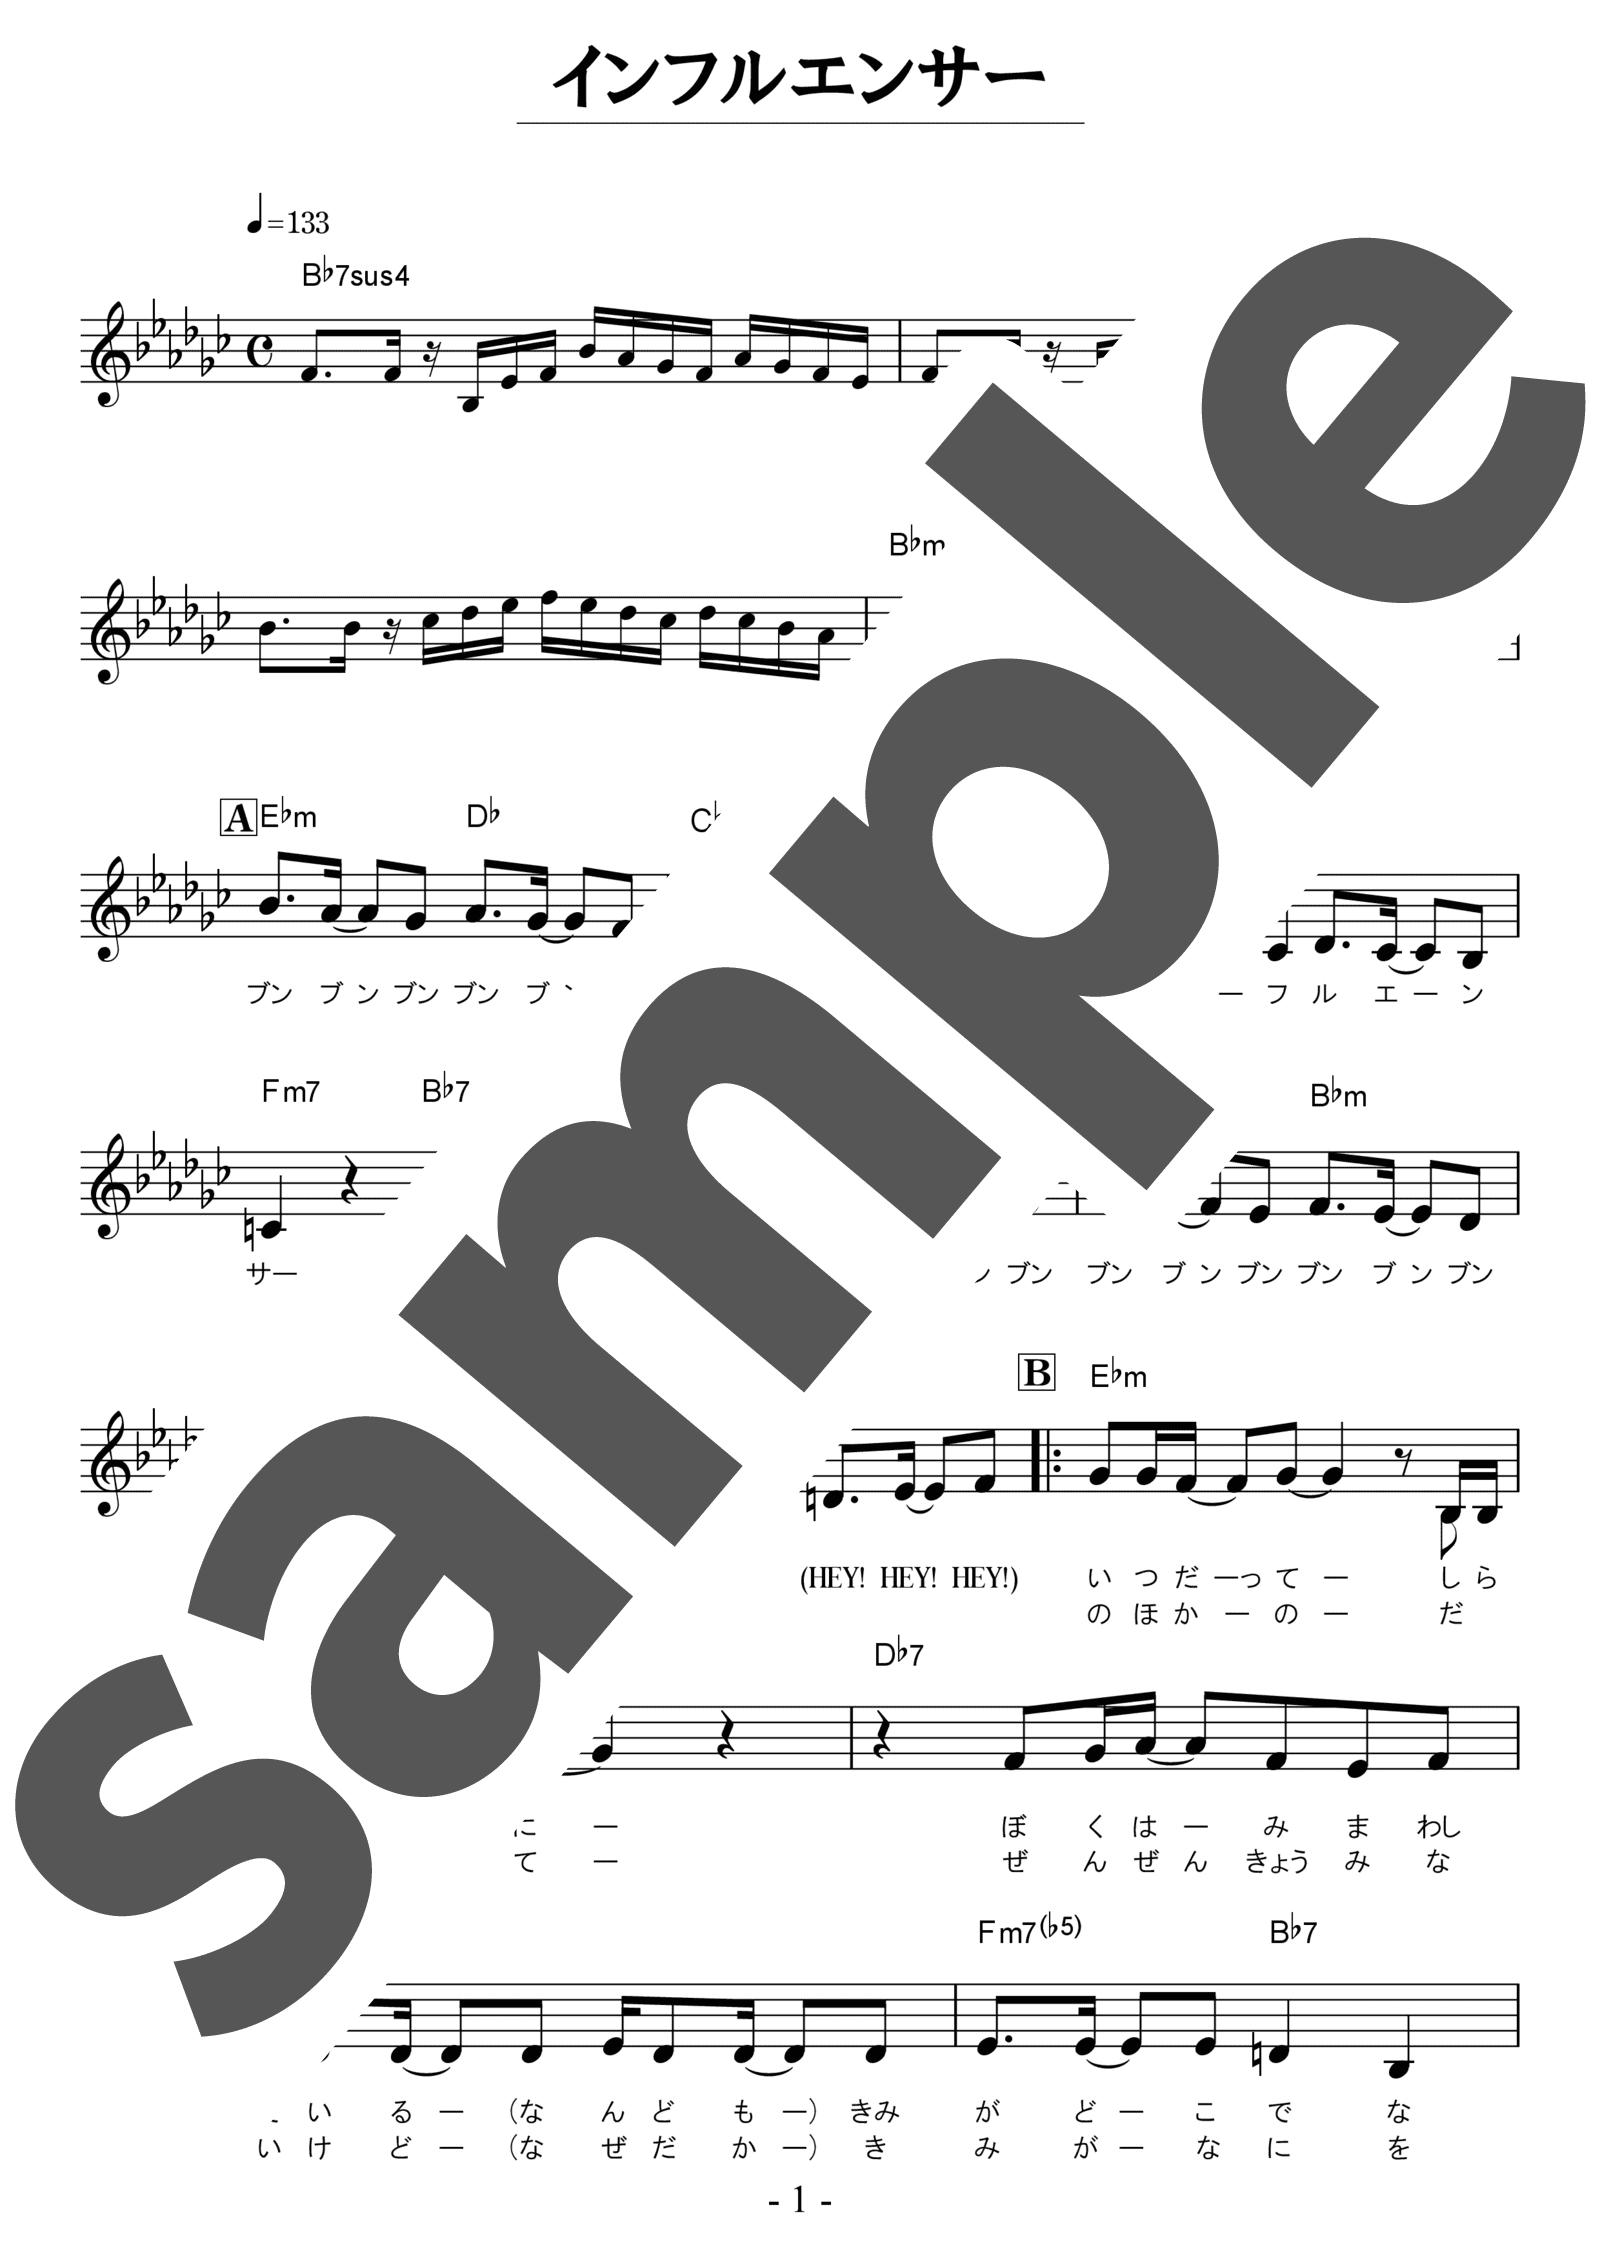 「インフルエンサー」のサンプル楽譜